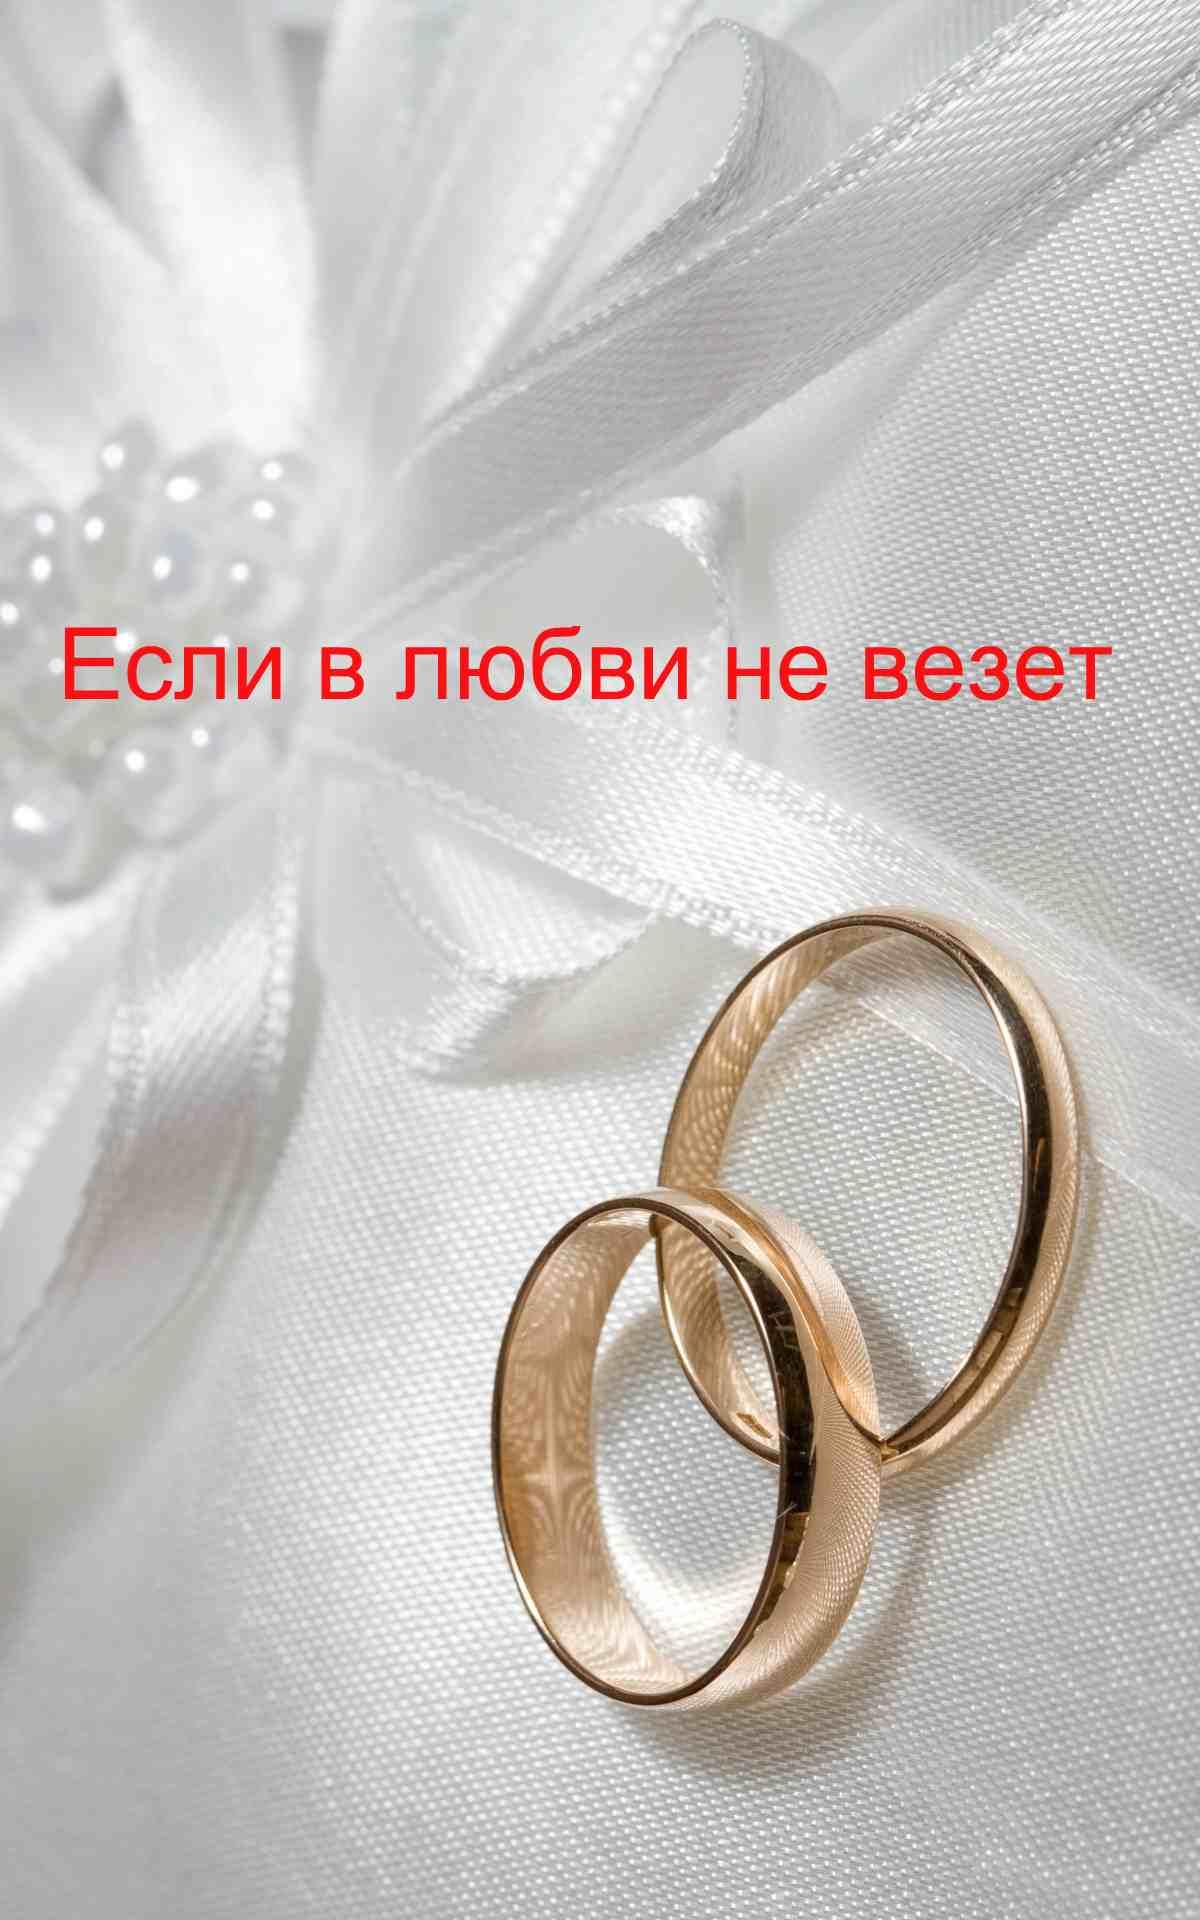 Если в любви не везет